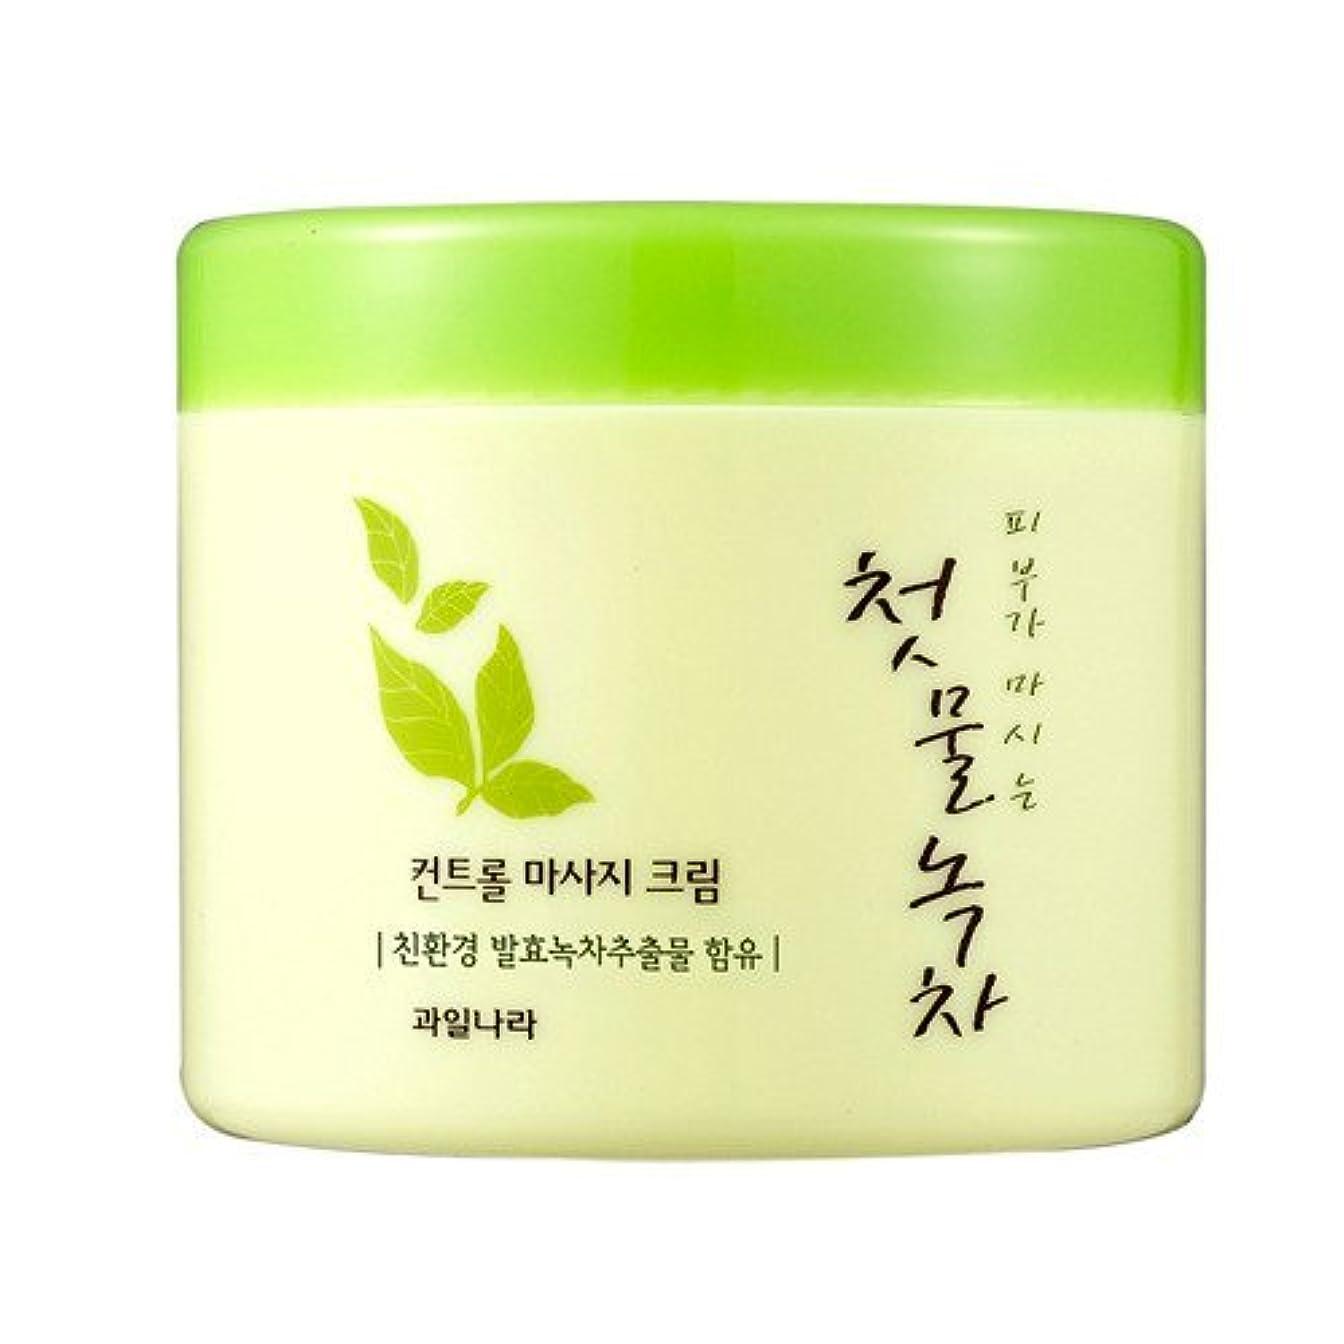 約そよ風狂気welcos[ウェルコス] コントロールマッサージクリーム300ml/First Green Tea Control Massage Cream 300ml [並行輸入品]